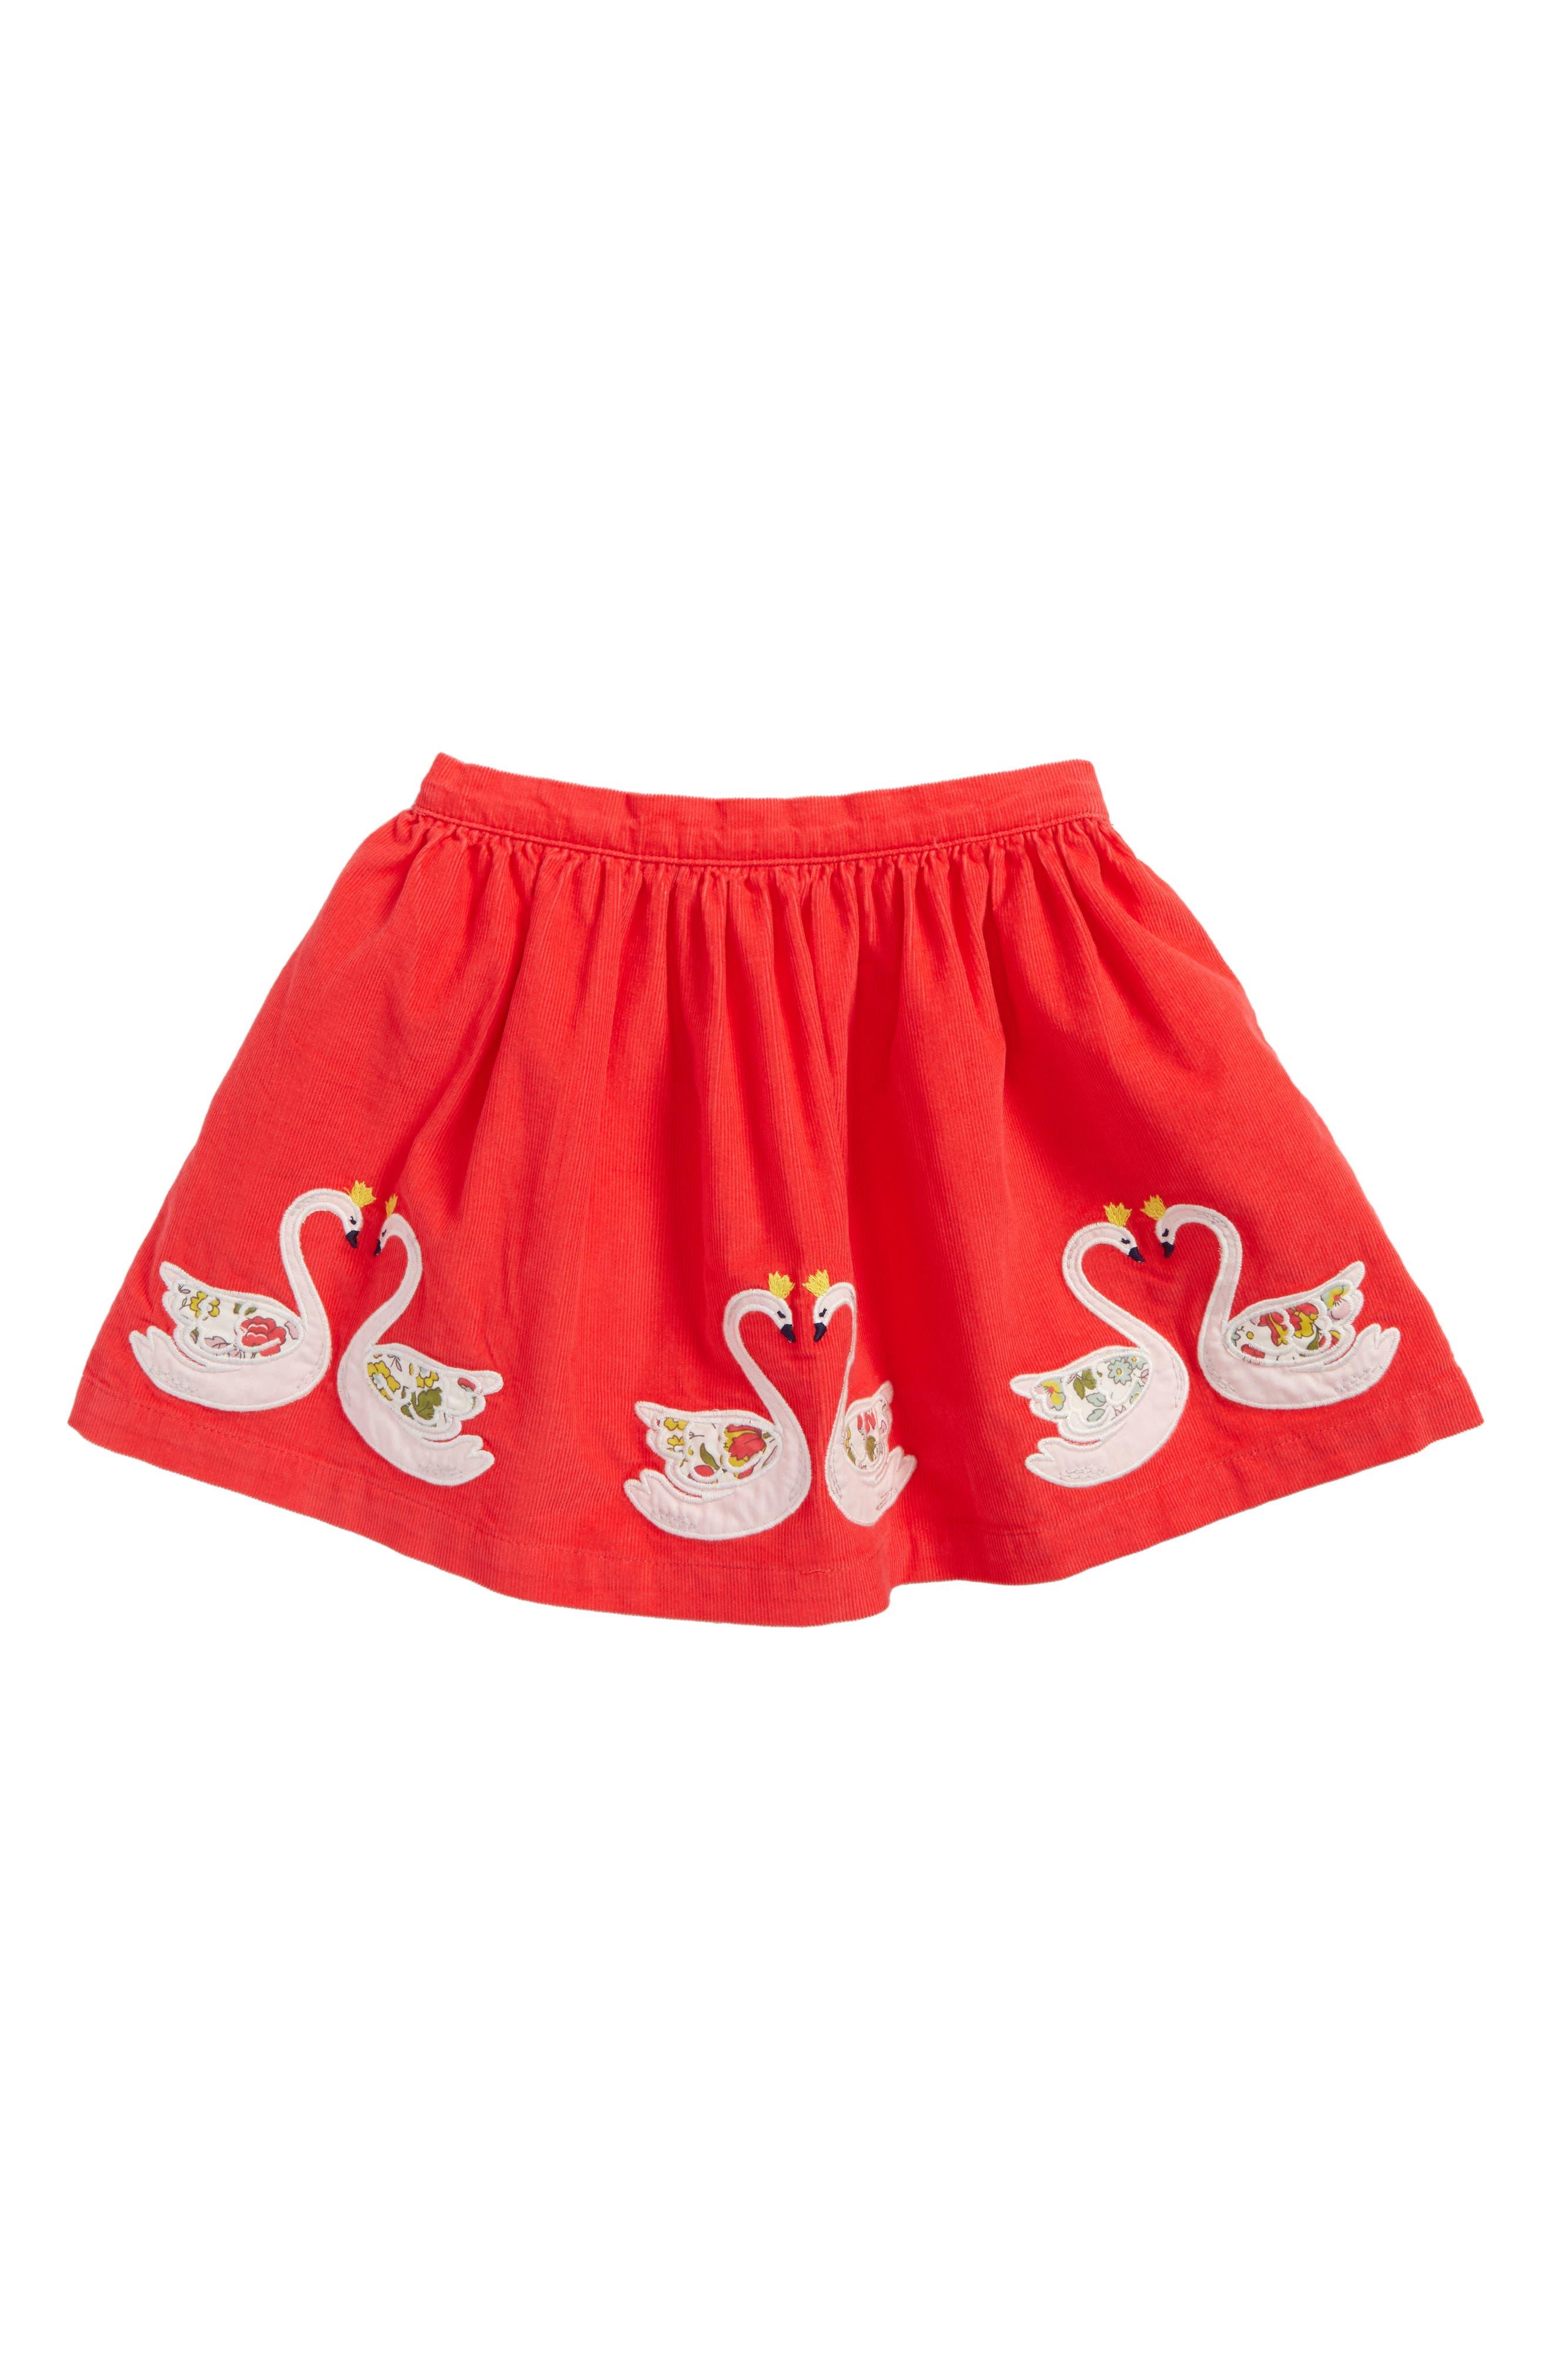 Fairytale Appliqué Corduroy Skirt,                         Main,                         color, Pink Berry